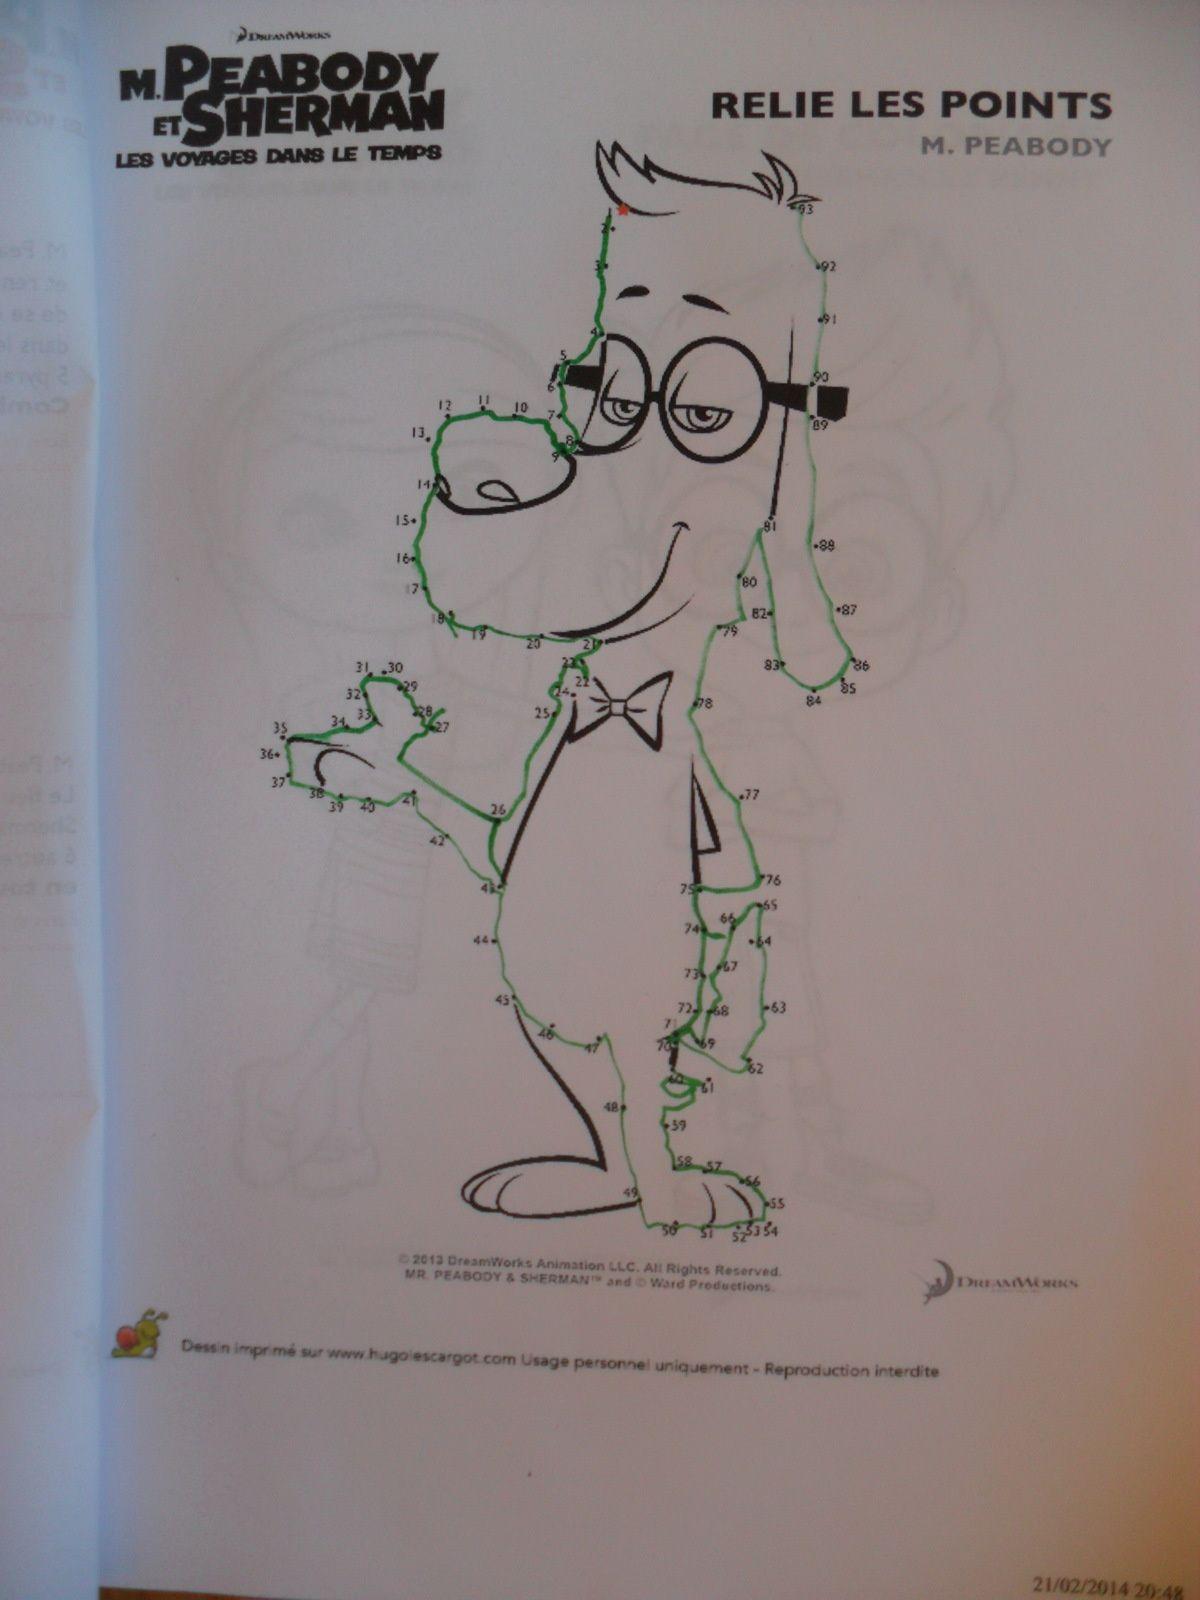 M. Peabody